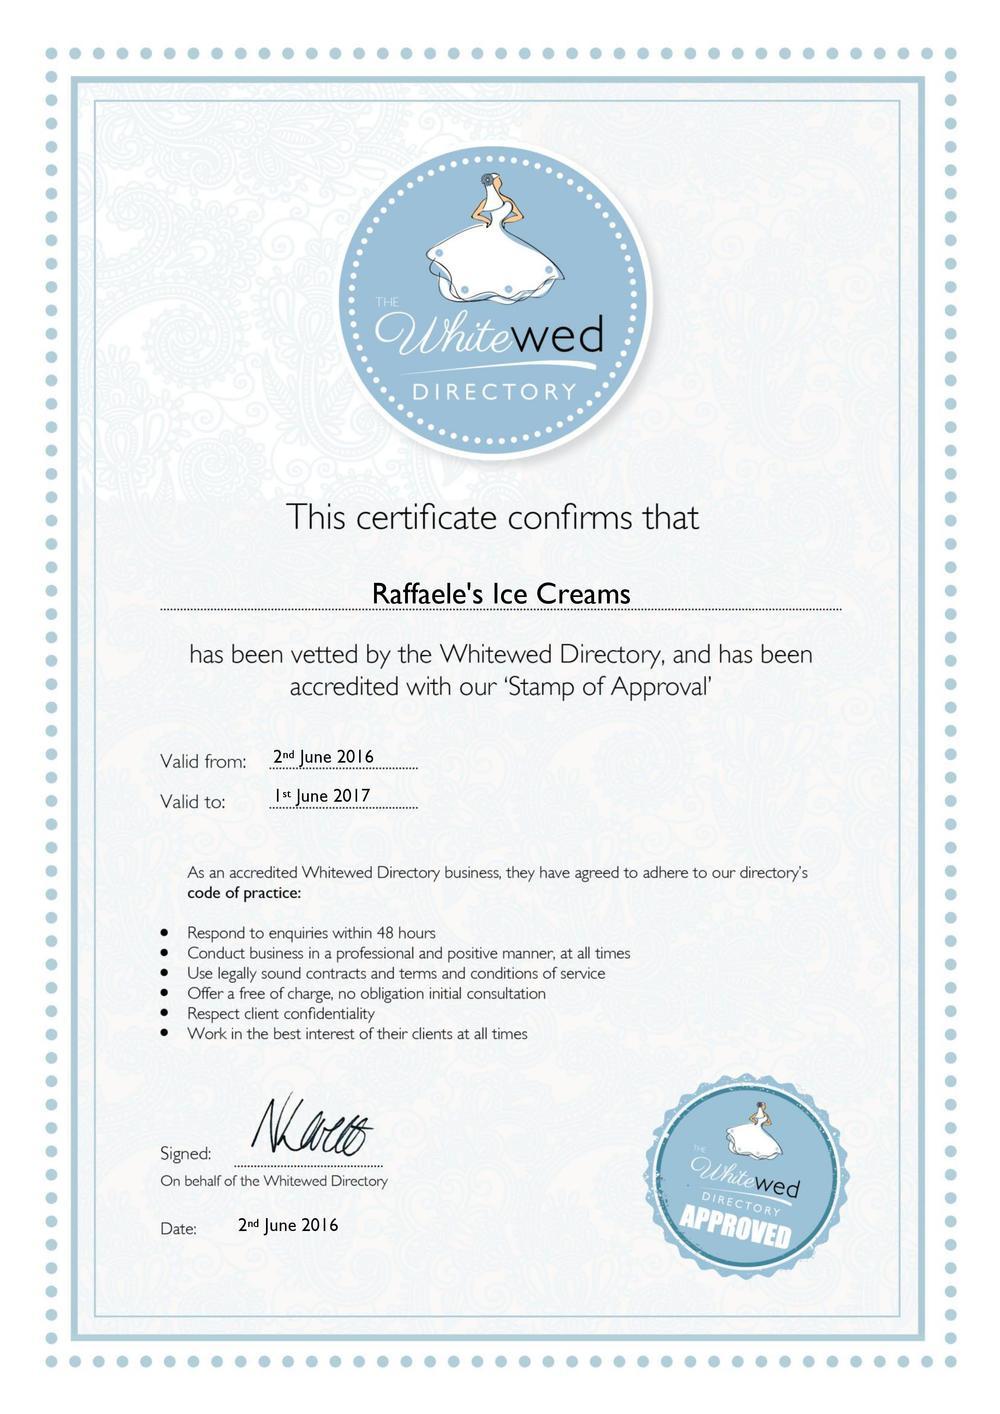 Raffaele's Ice Creams WWD Approval Certificate 02.06.16 - 01.06.17 [712022].jpg